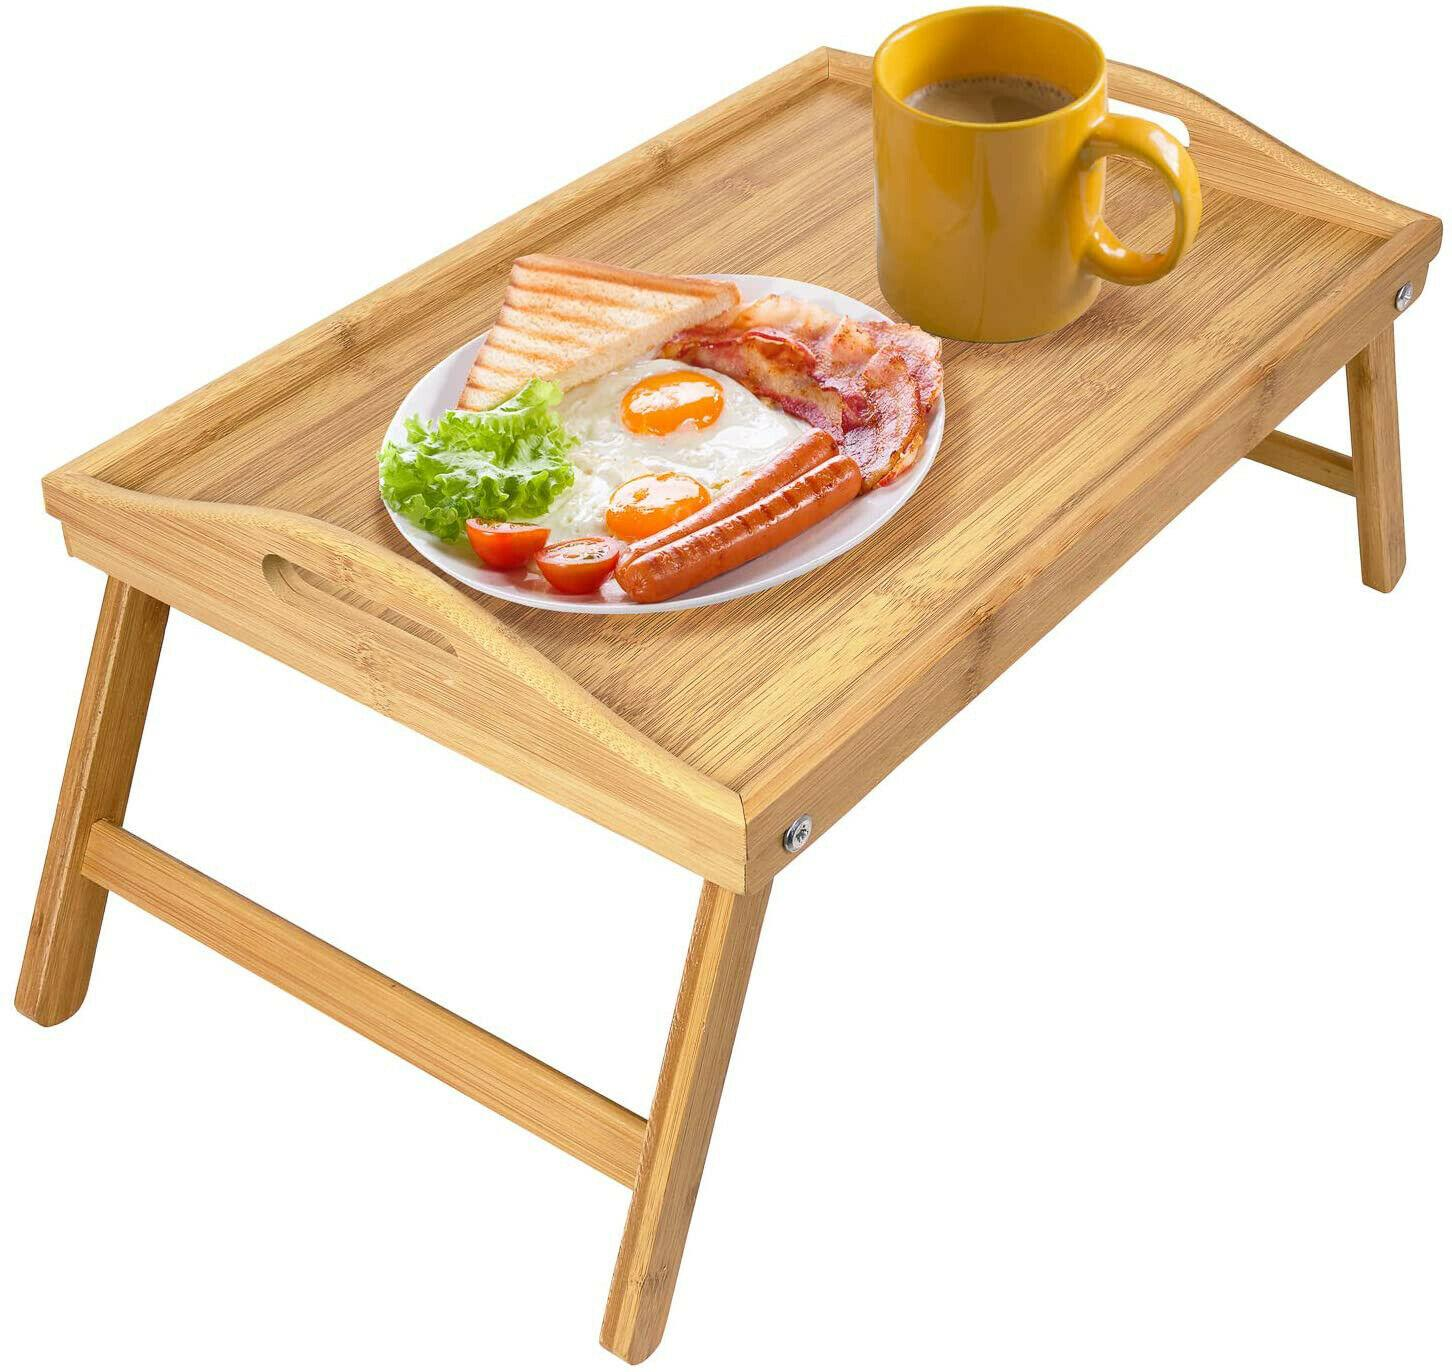 접이식 다리가있는 침대 트레이 테이블 대나무 접이식 아침 식사 트레이 테이블 우리